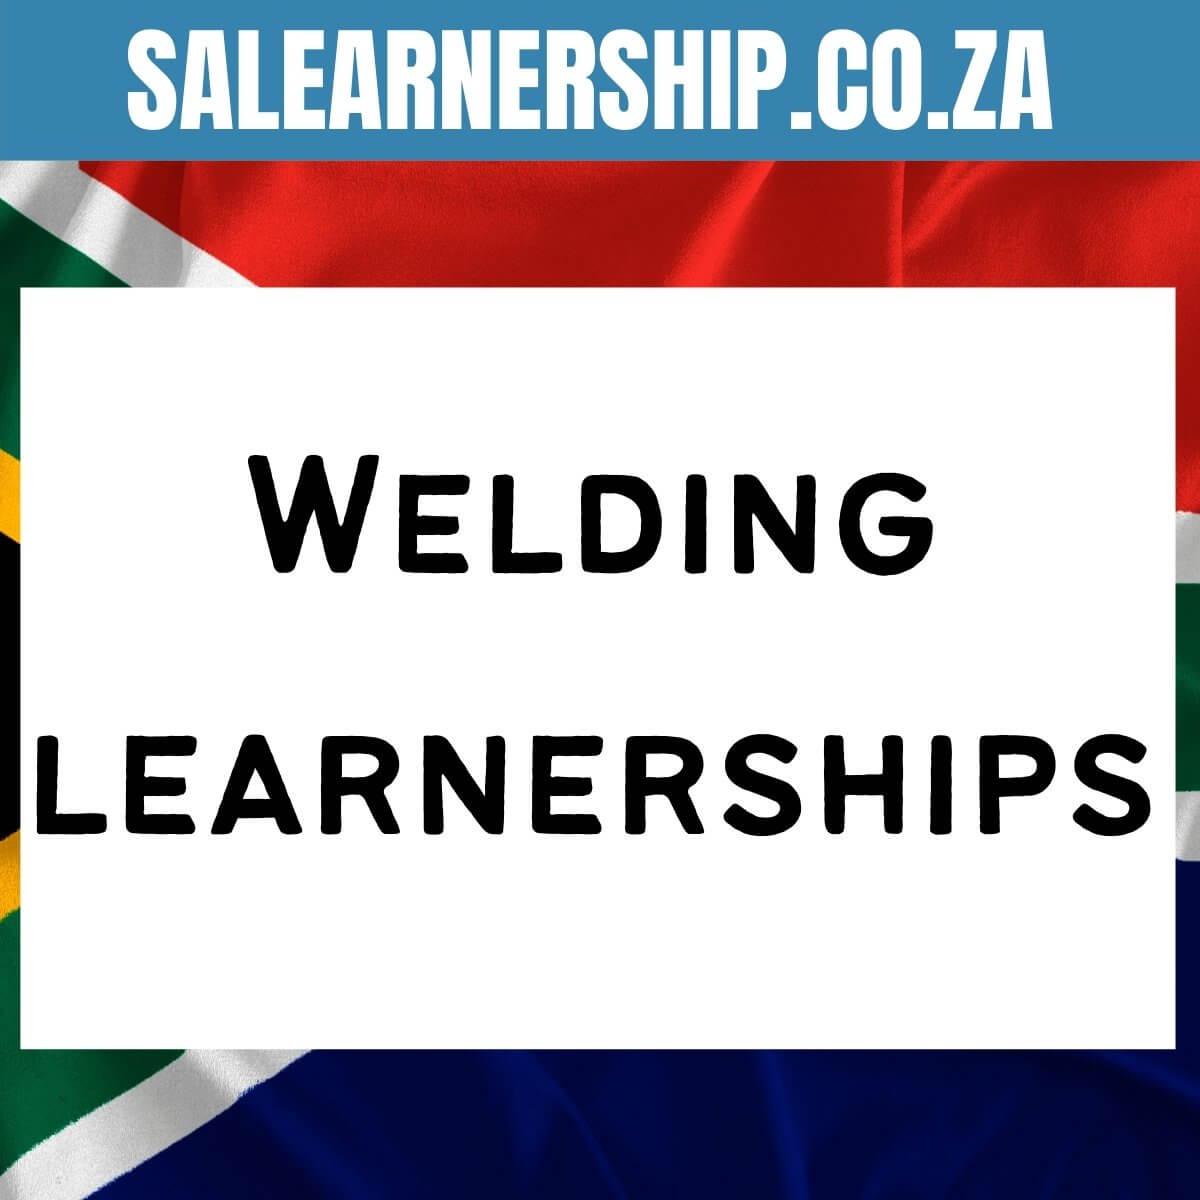 Welding learnerships